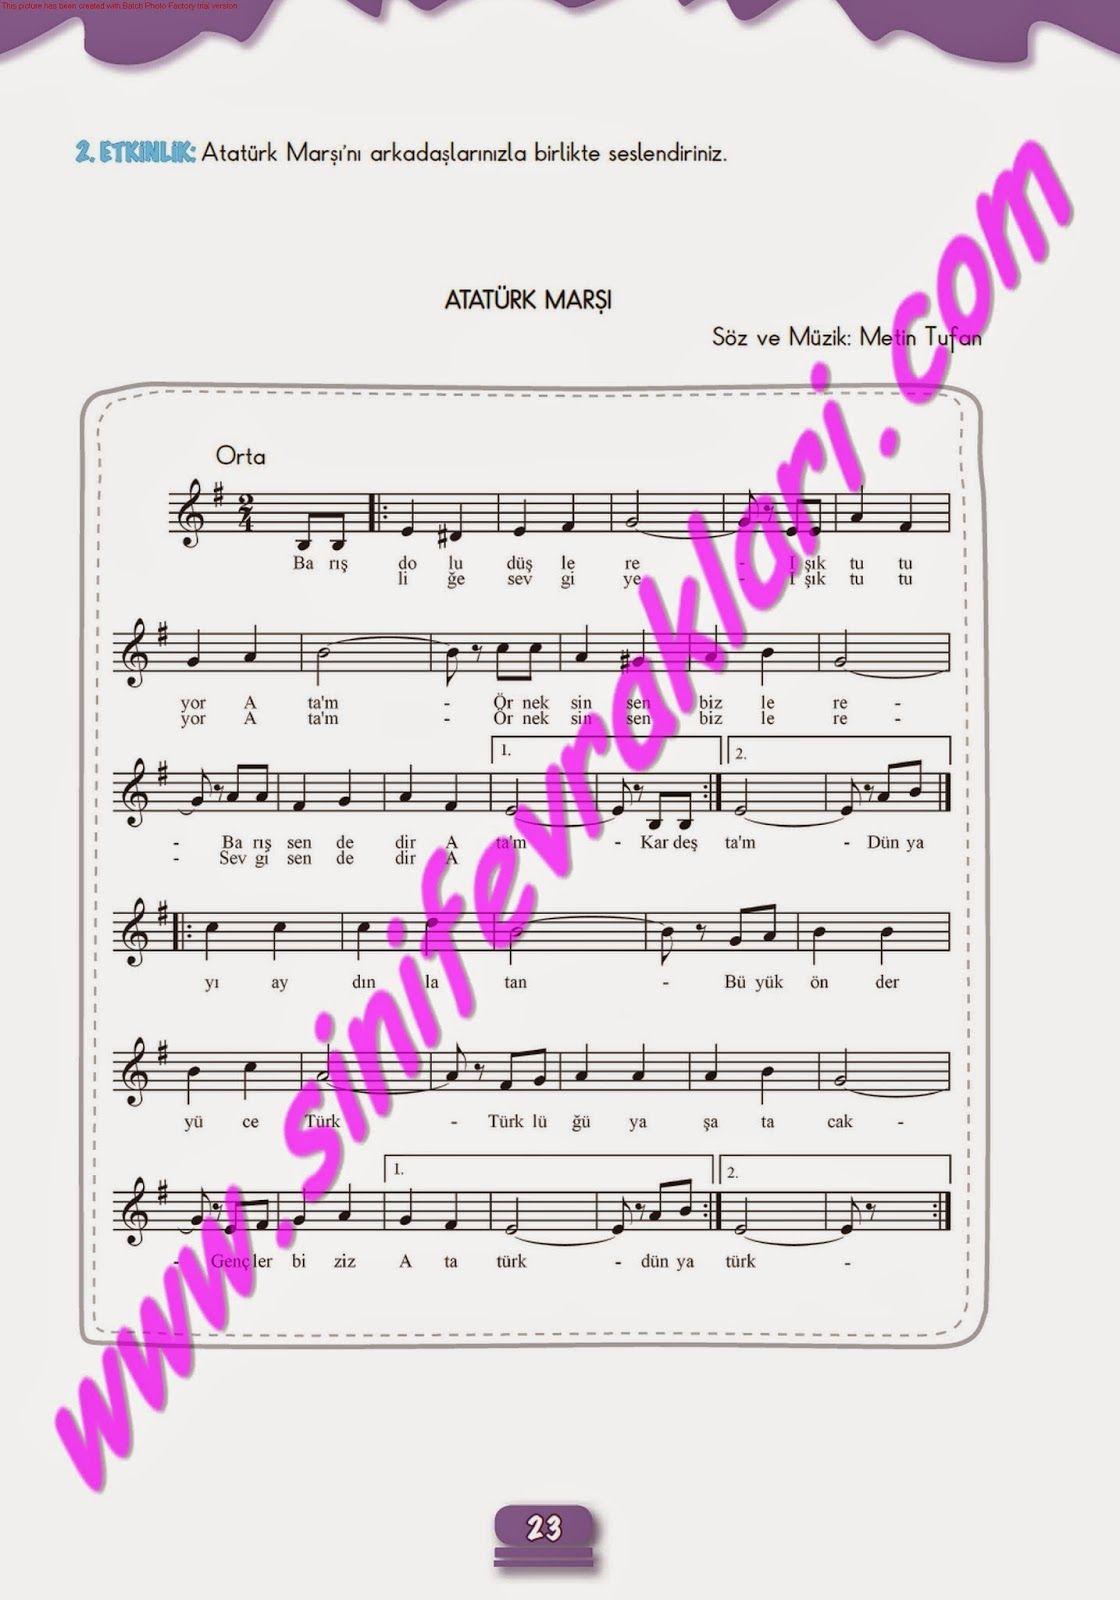 7sınıf Müzik çalışma Kitabı Cevapları Meb Yayınları Sayfa 23 7